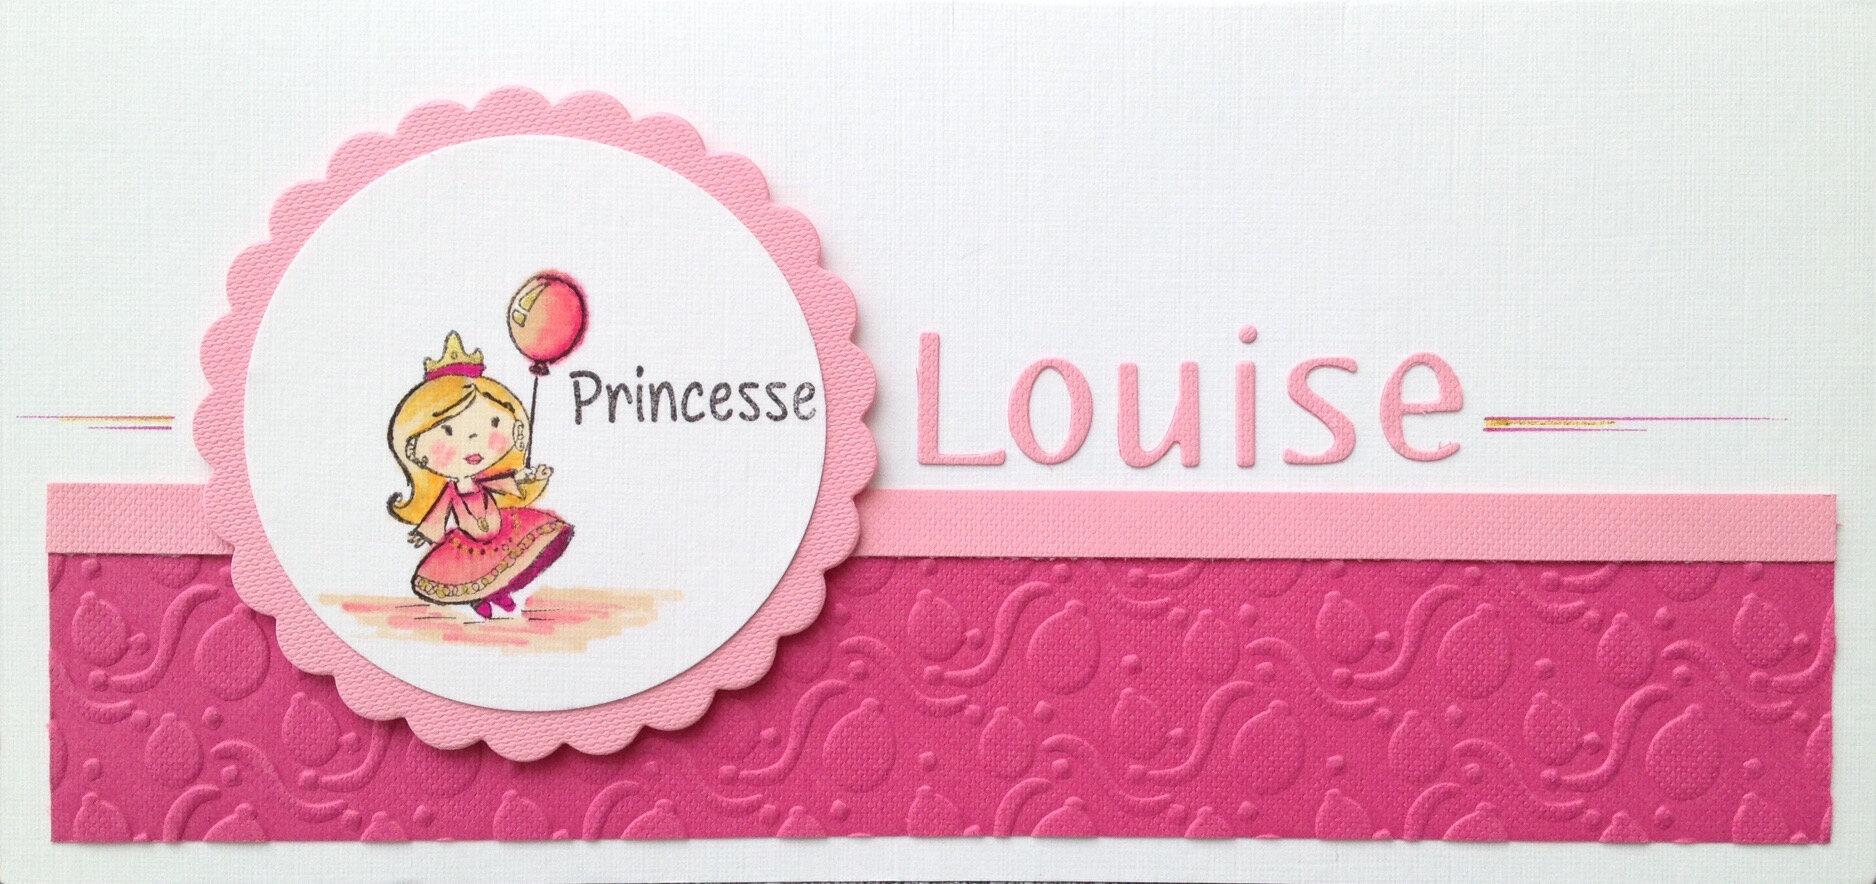 Extrem Carte pour le 1er anniversaire d'une petite princesse - Les  CI18